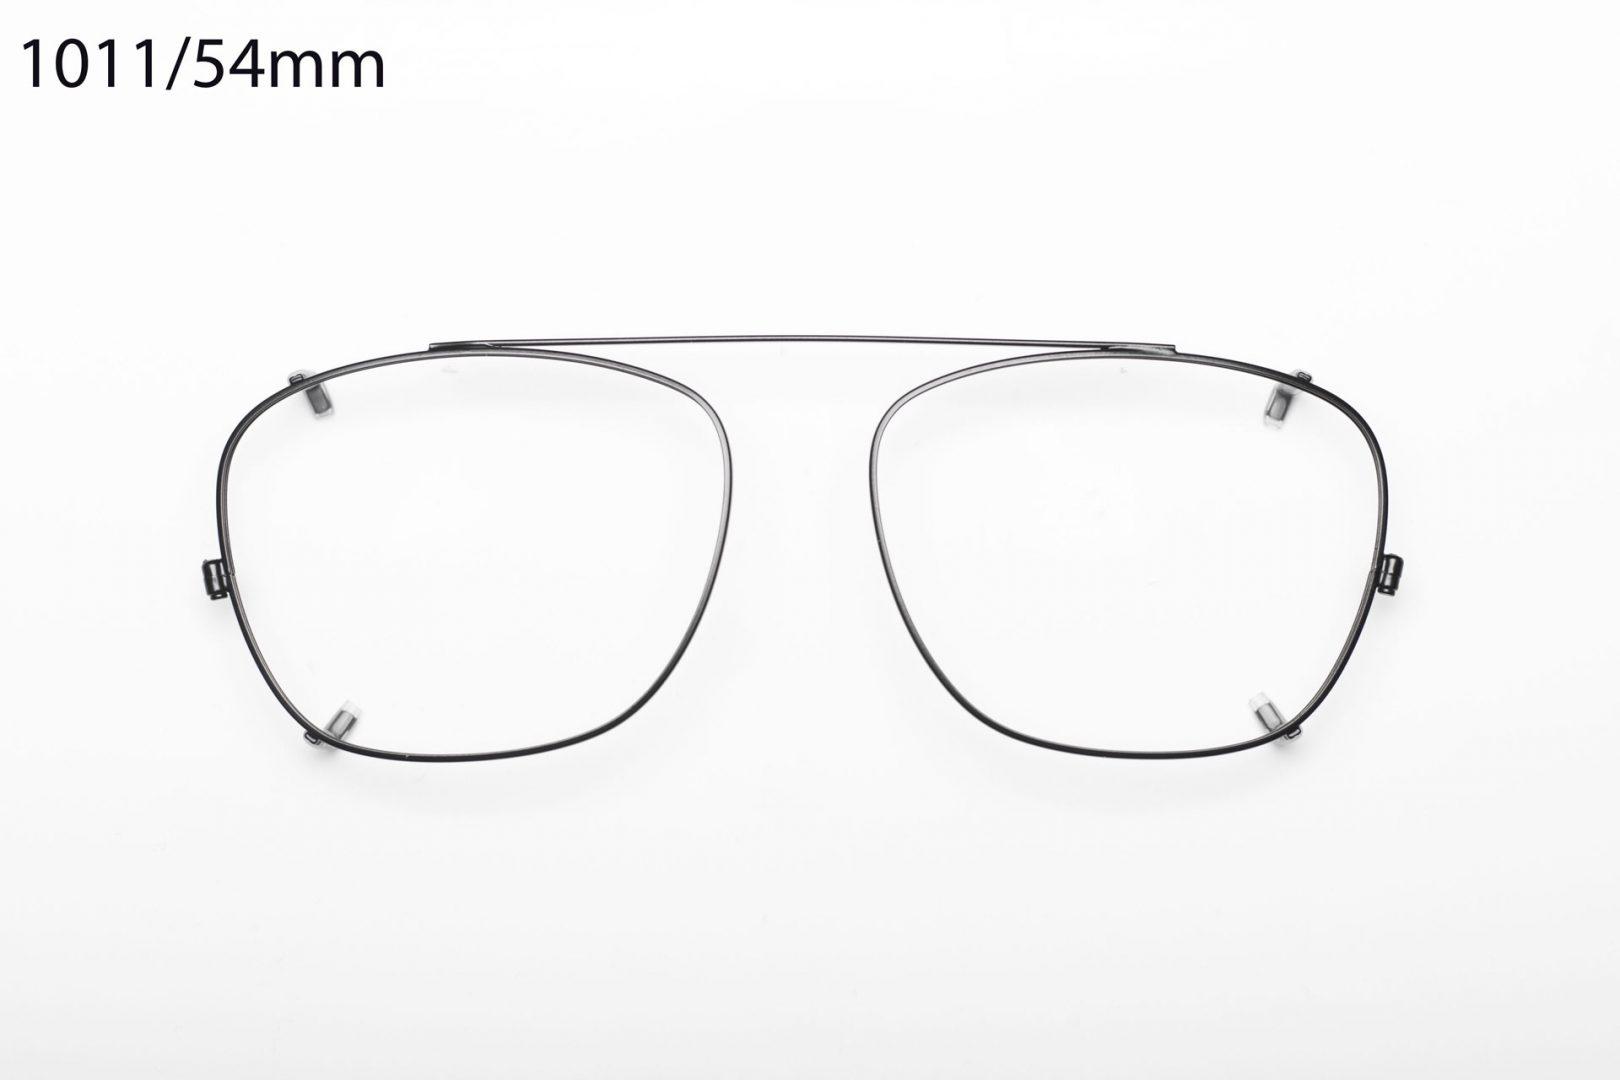 Modèle A18-101154mm